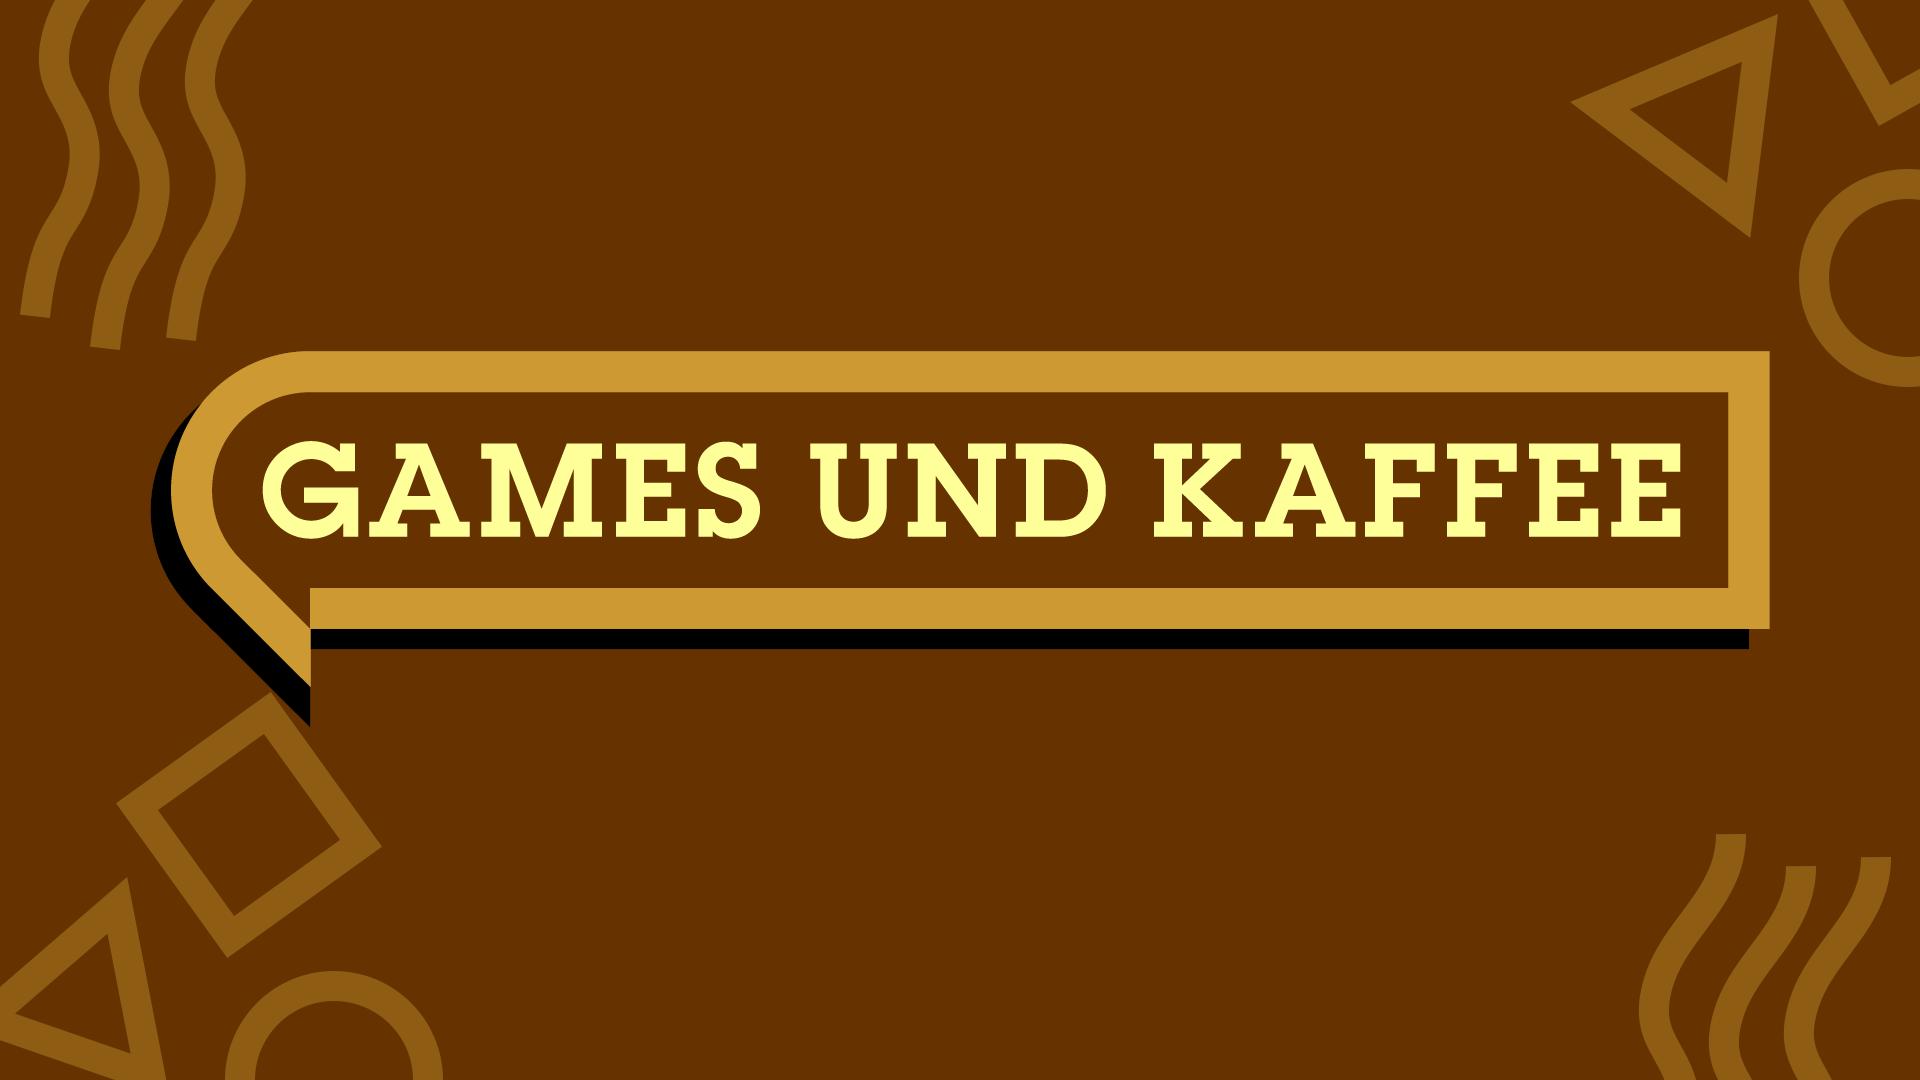 gameskaffee.png